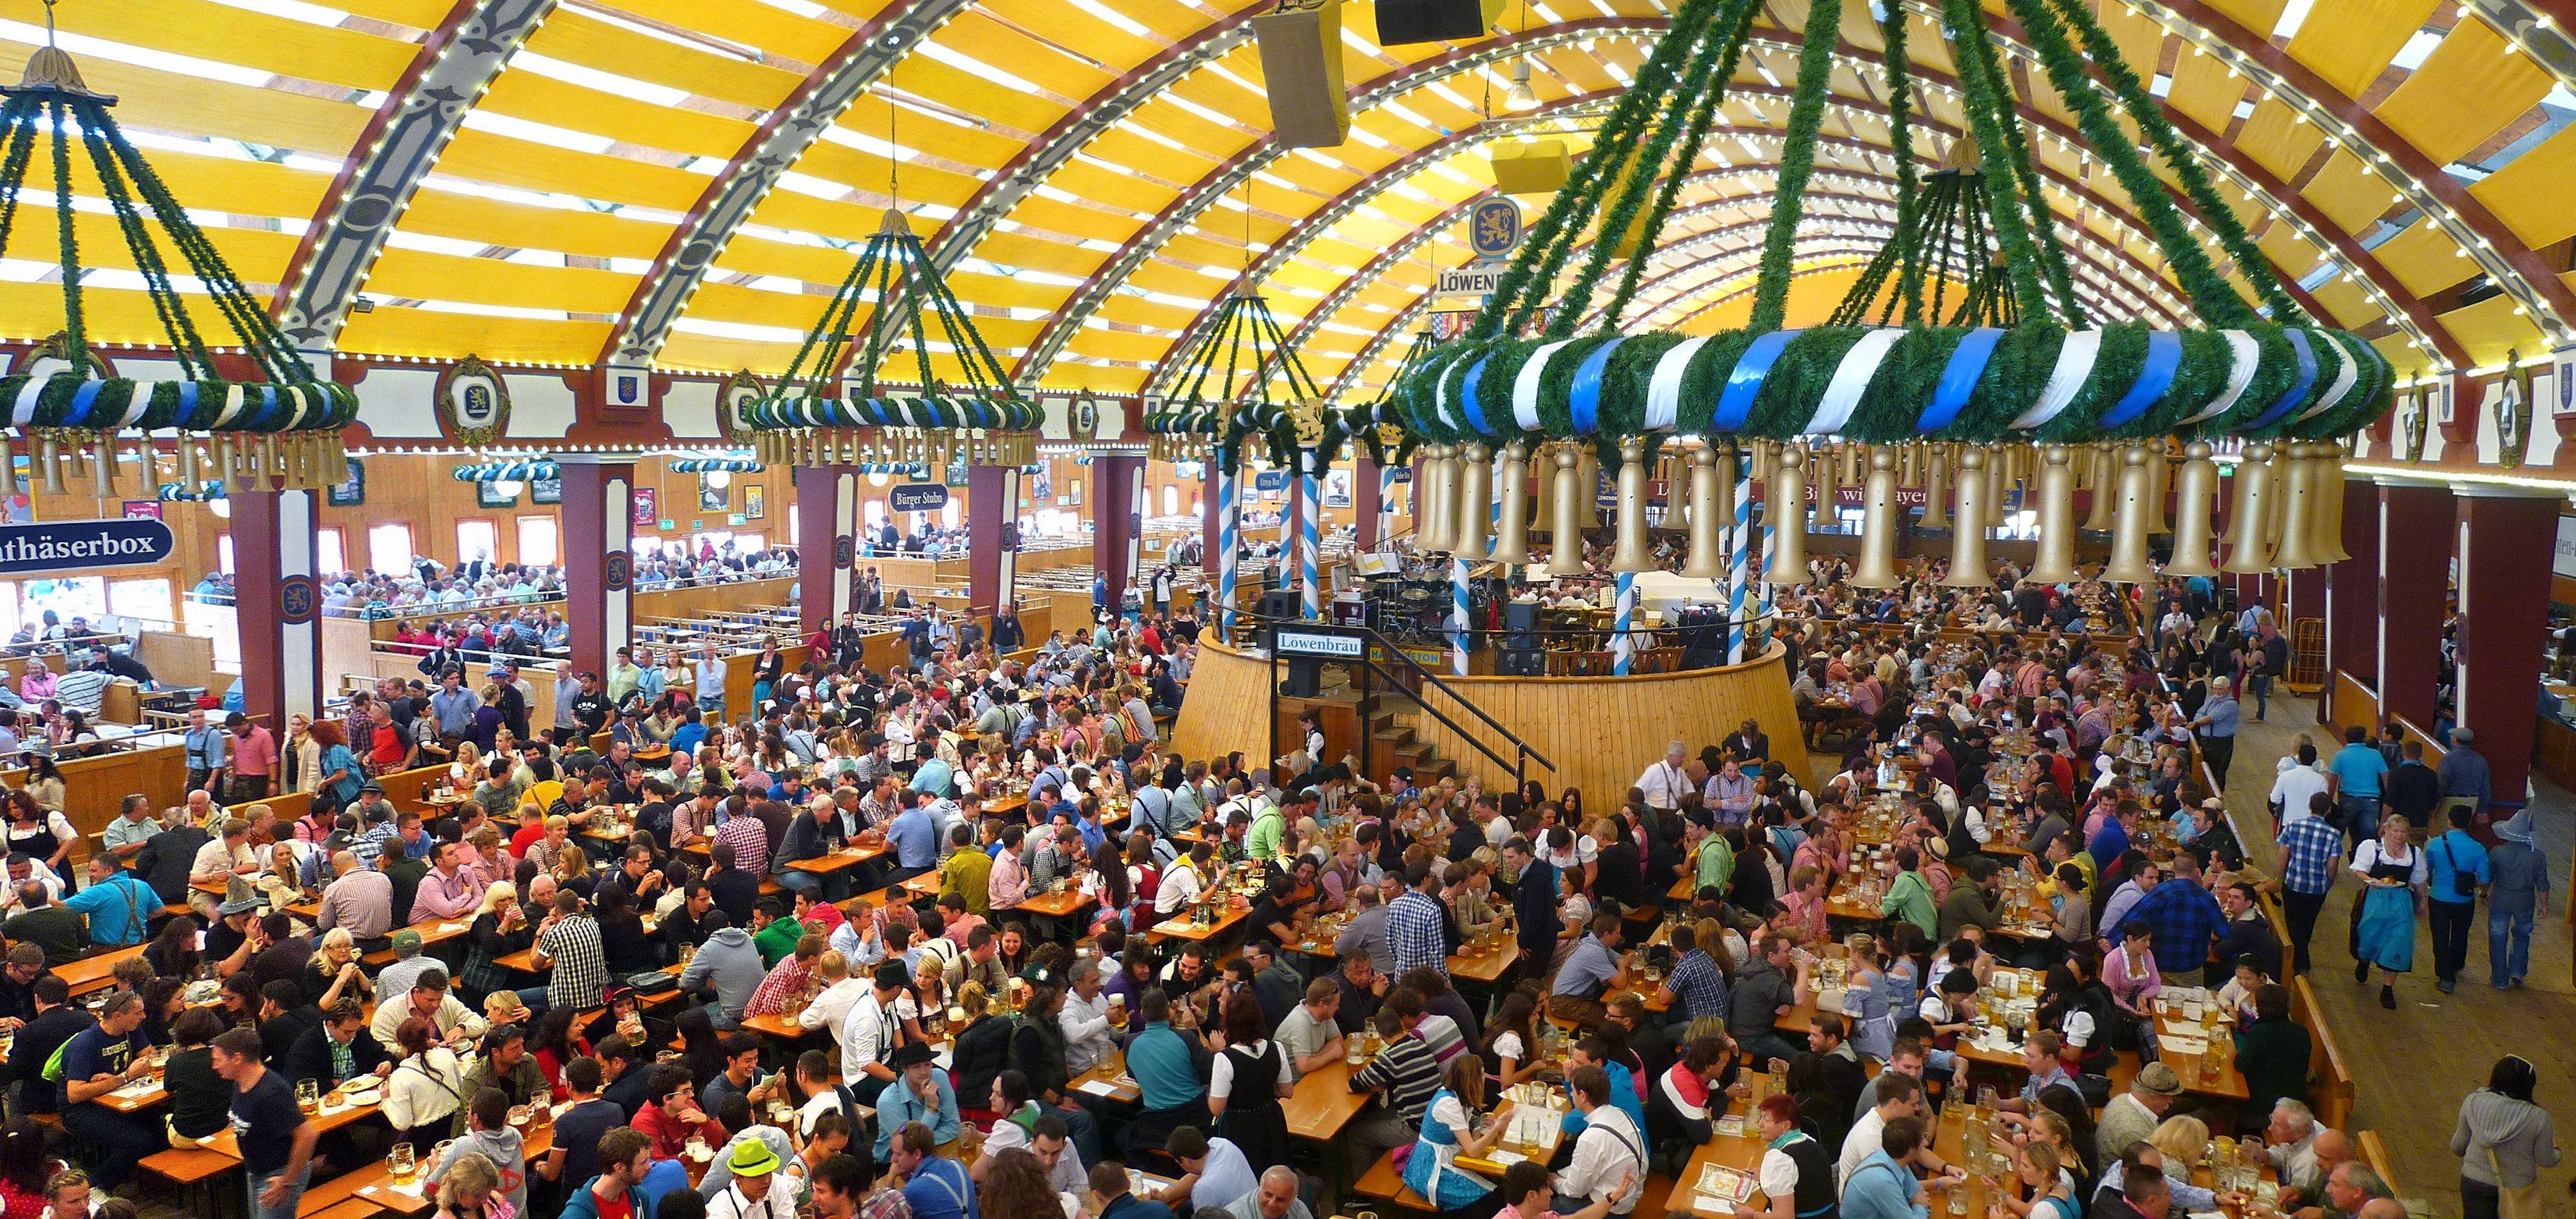 munchen_lowenbrau-festhalle_oktoberfest_2012_03